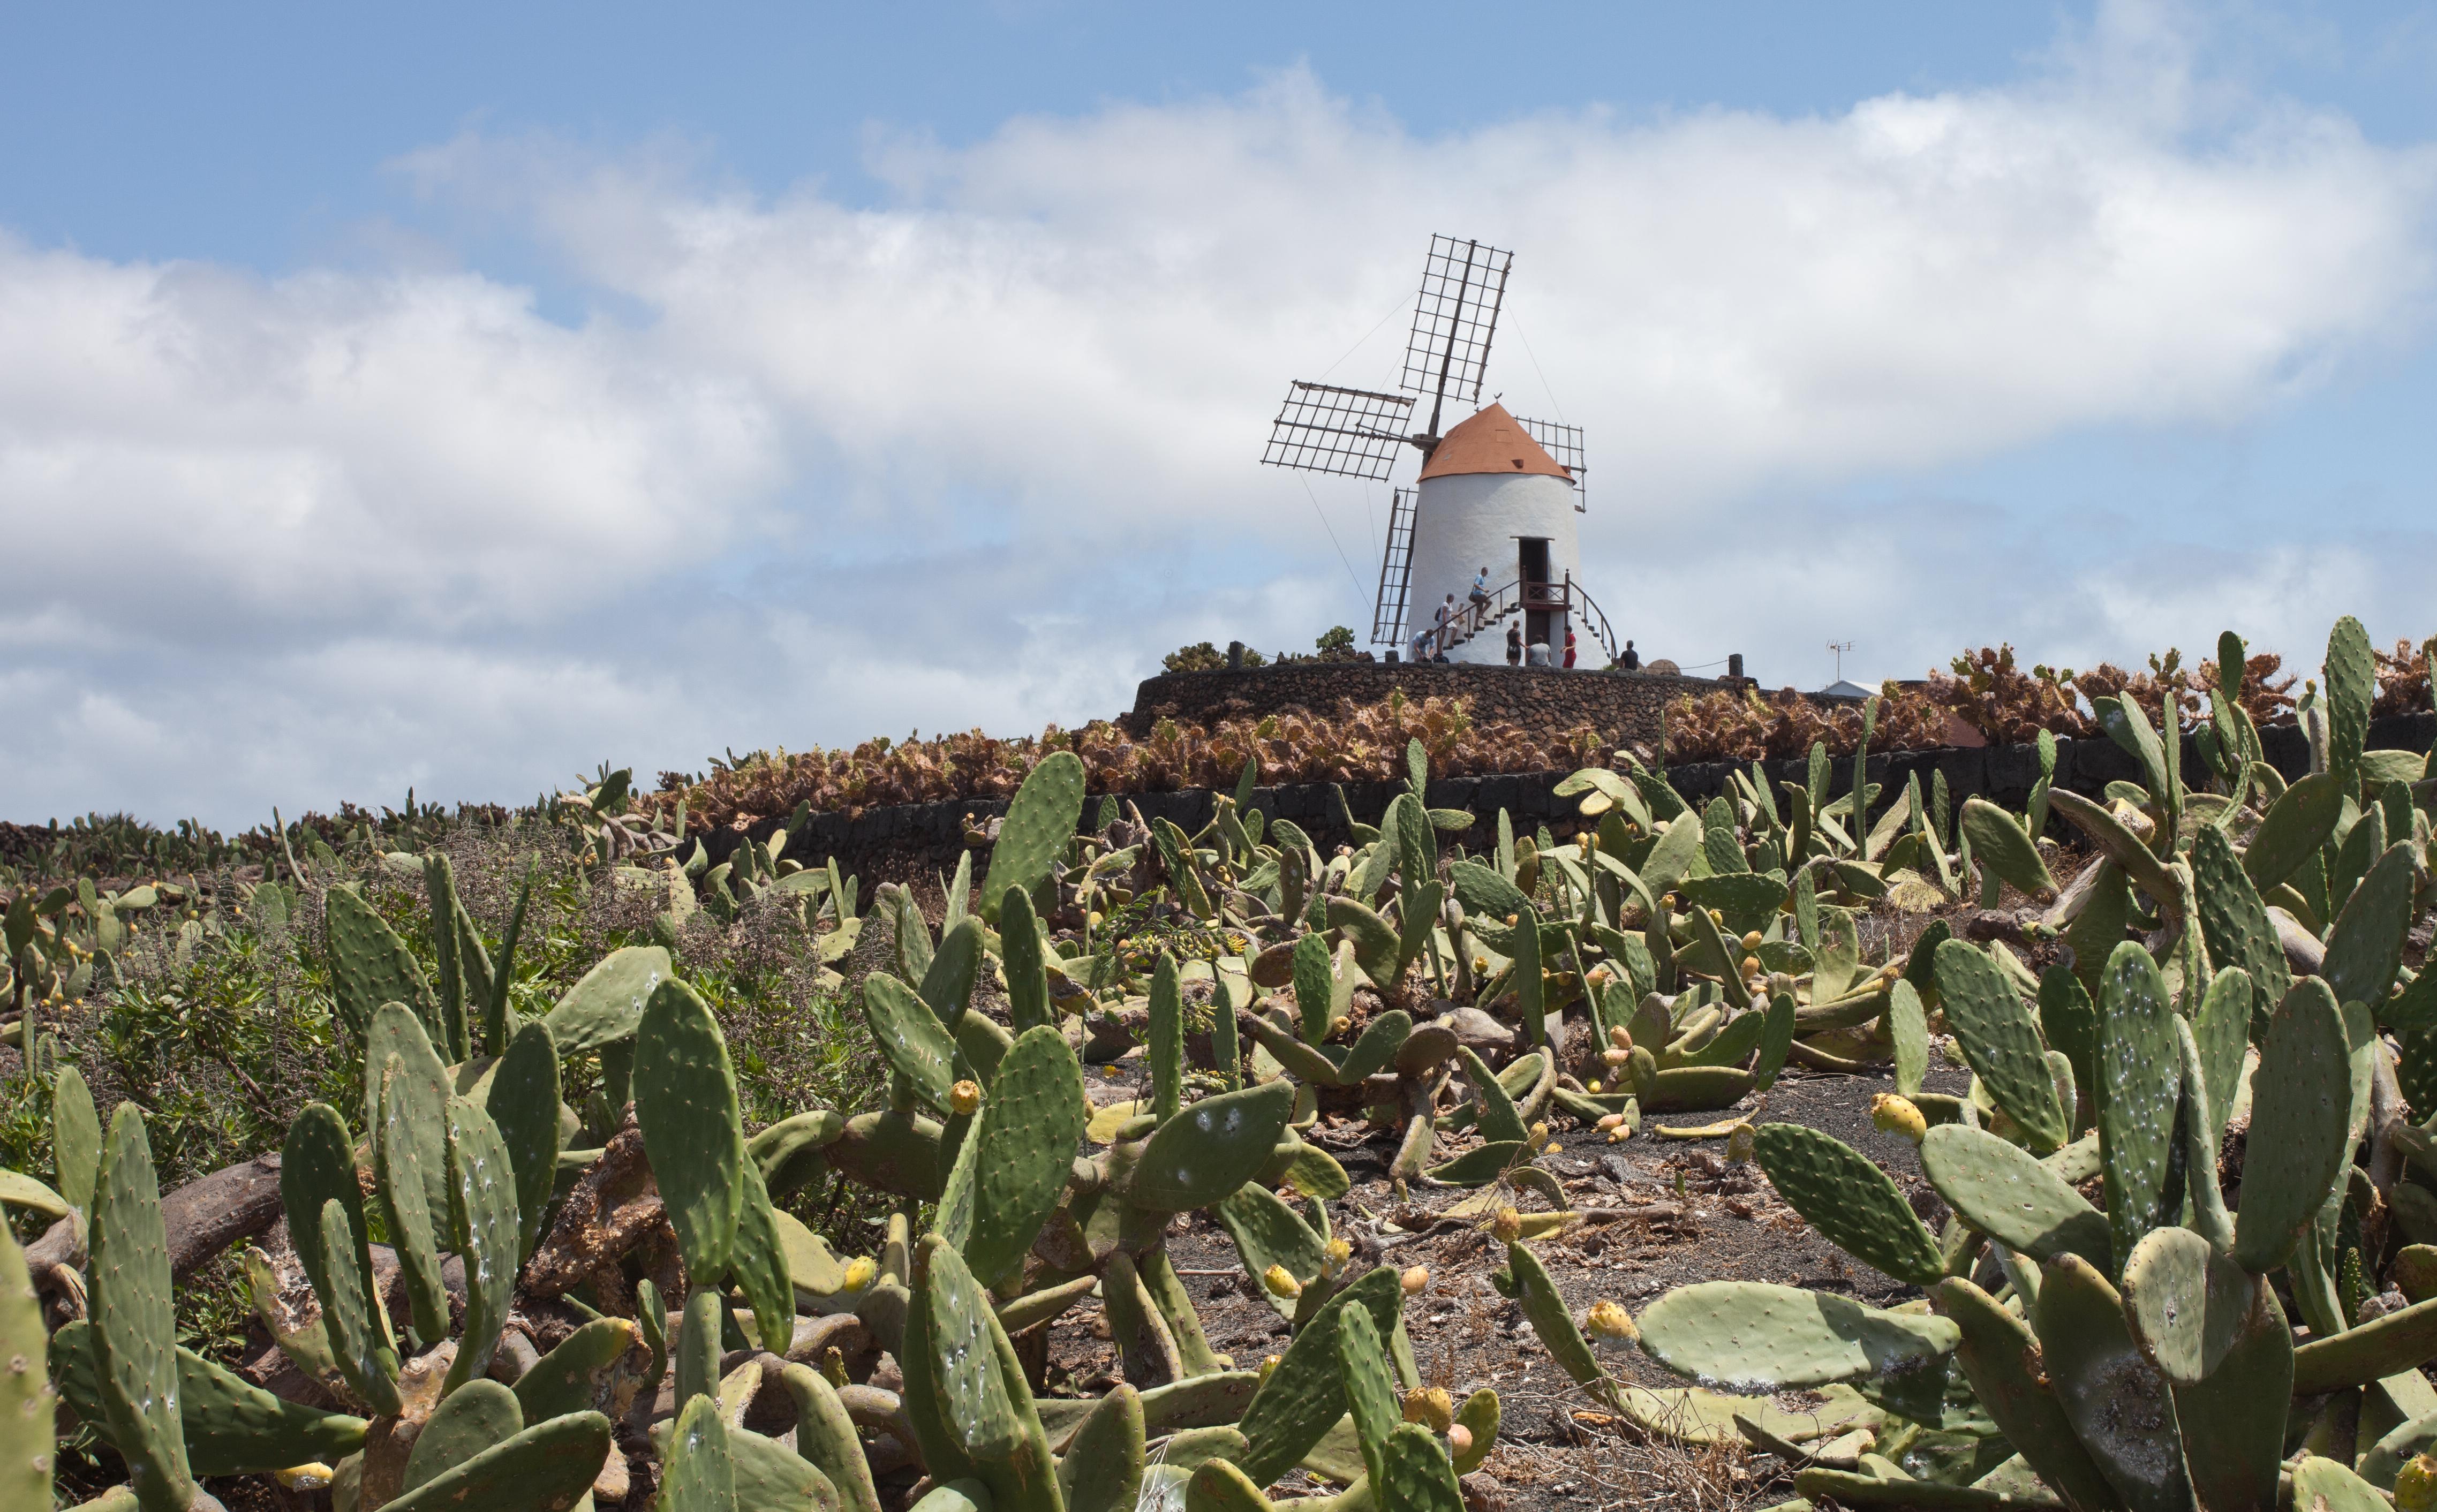 File:Guatiza - Jardín de Cactus - Lanzarote - J46.jpg - Wikimedia Commons